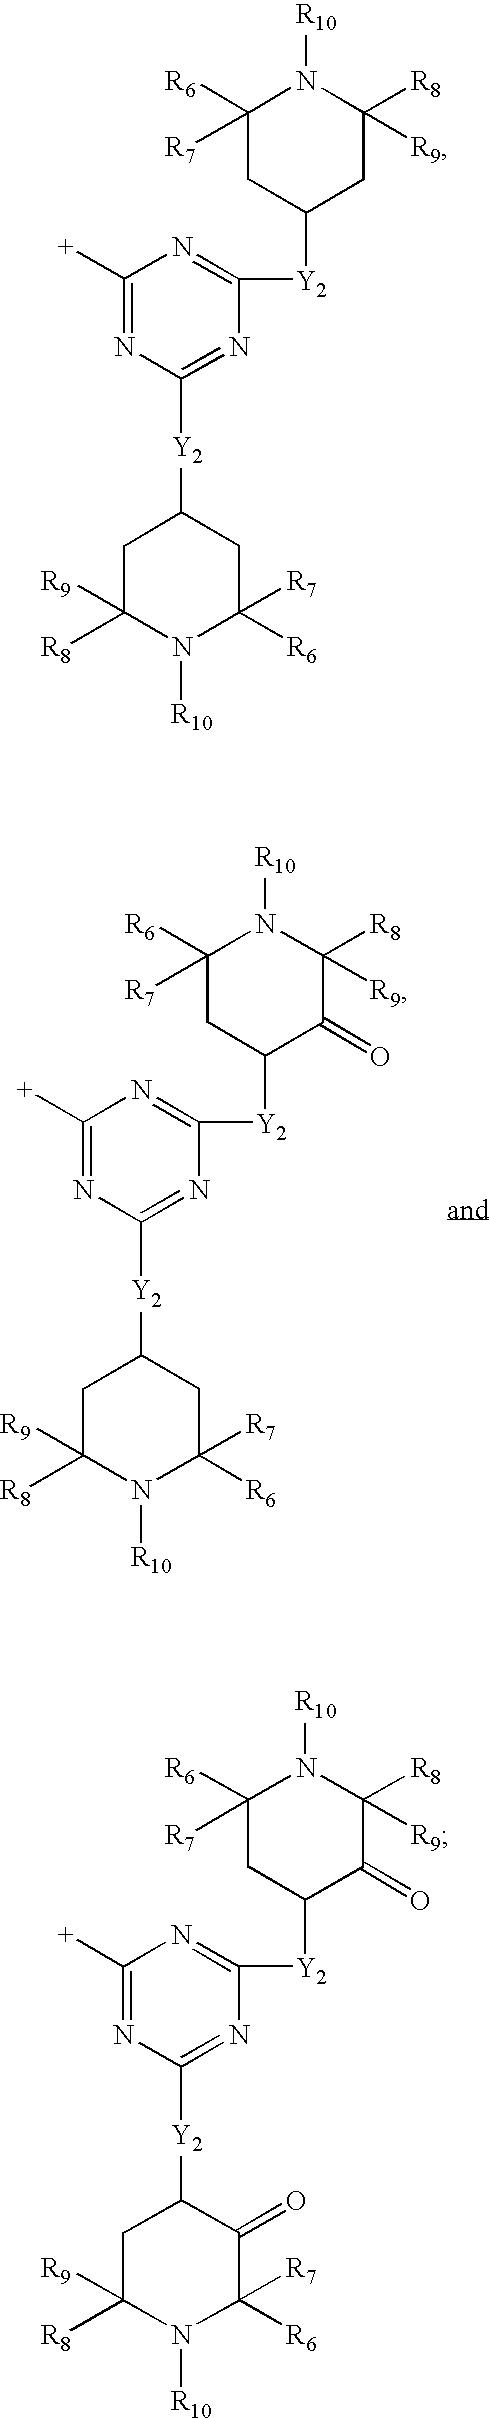 Figure US20050288400A1-20051229-C00056